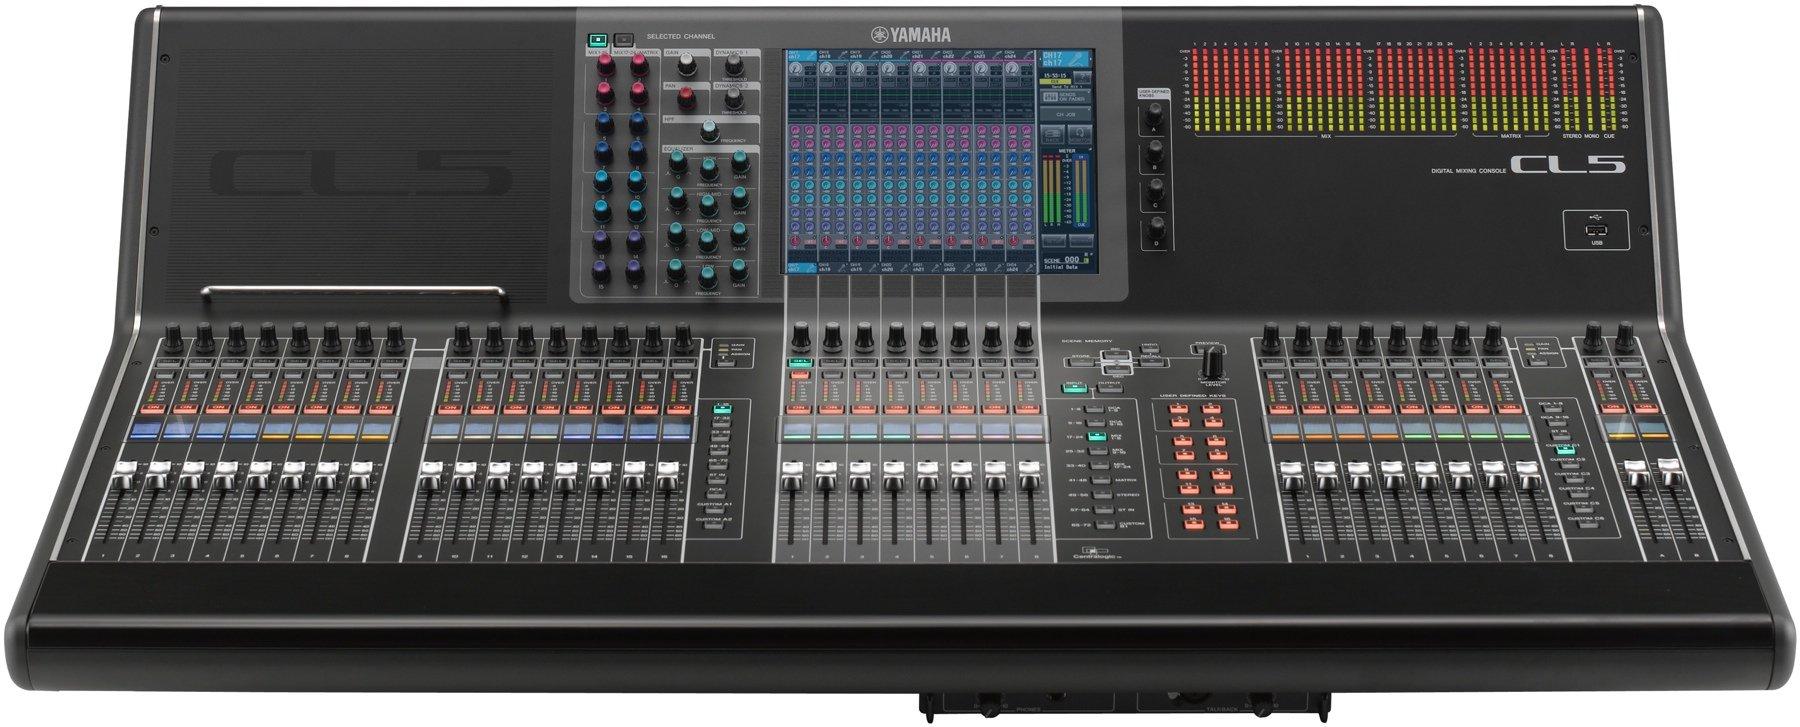 Yamaha_CL5-72